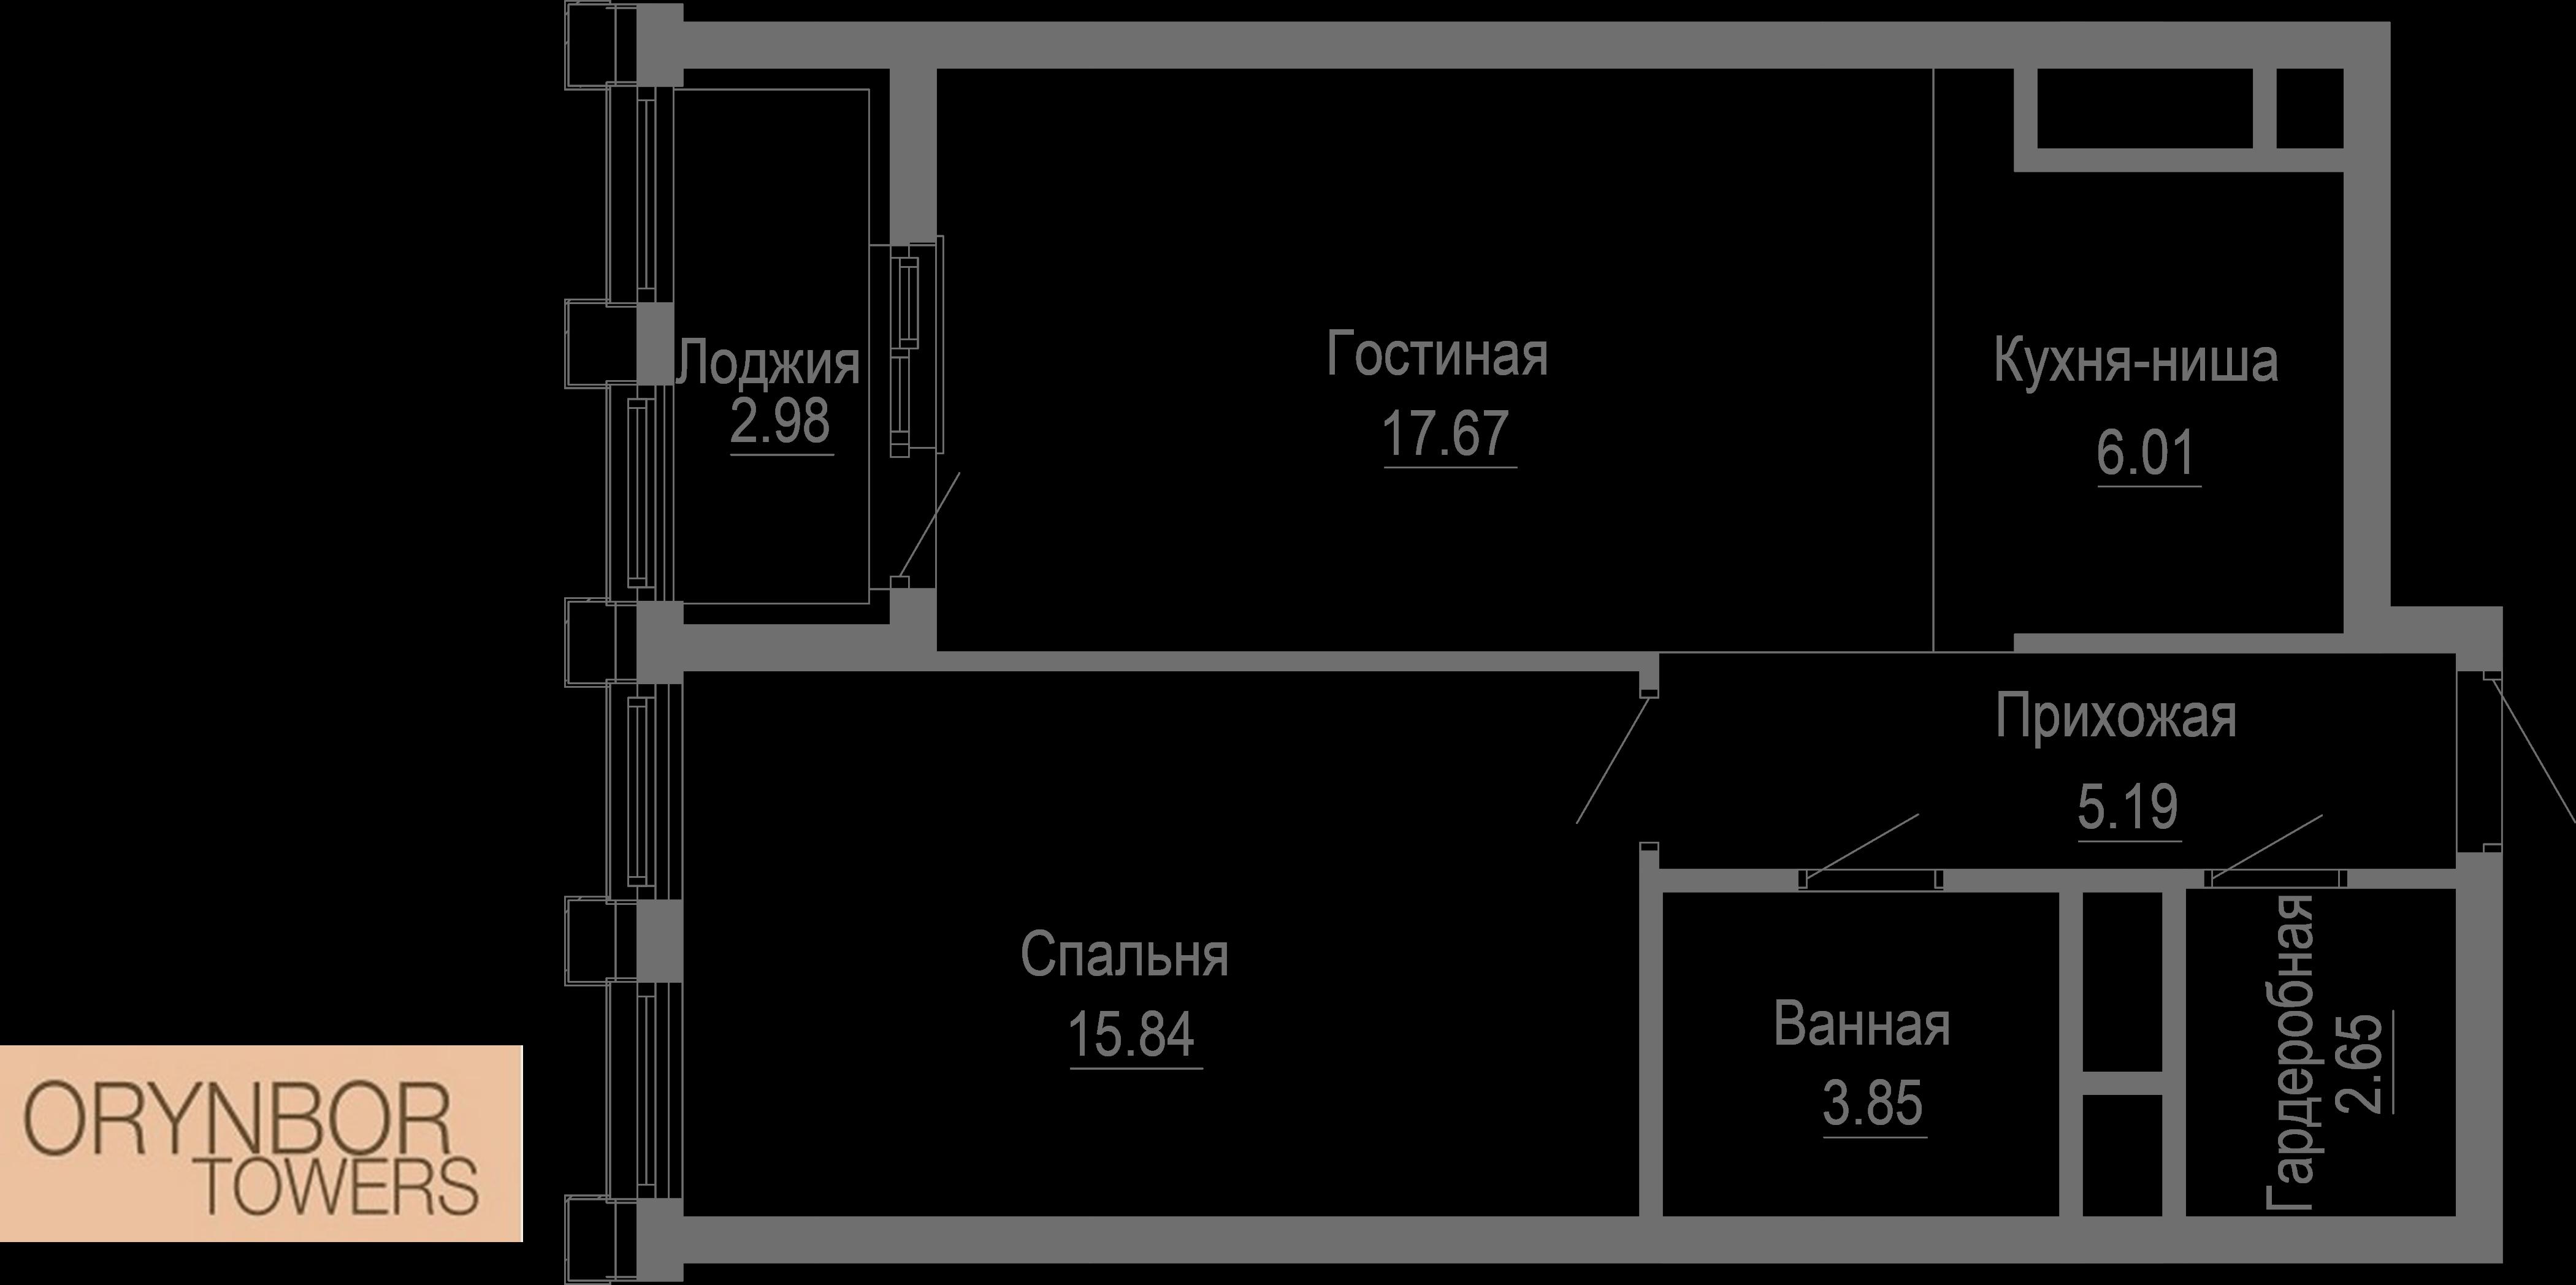 Блок 1-2, Пәтер 8